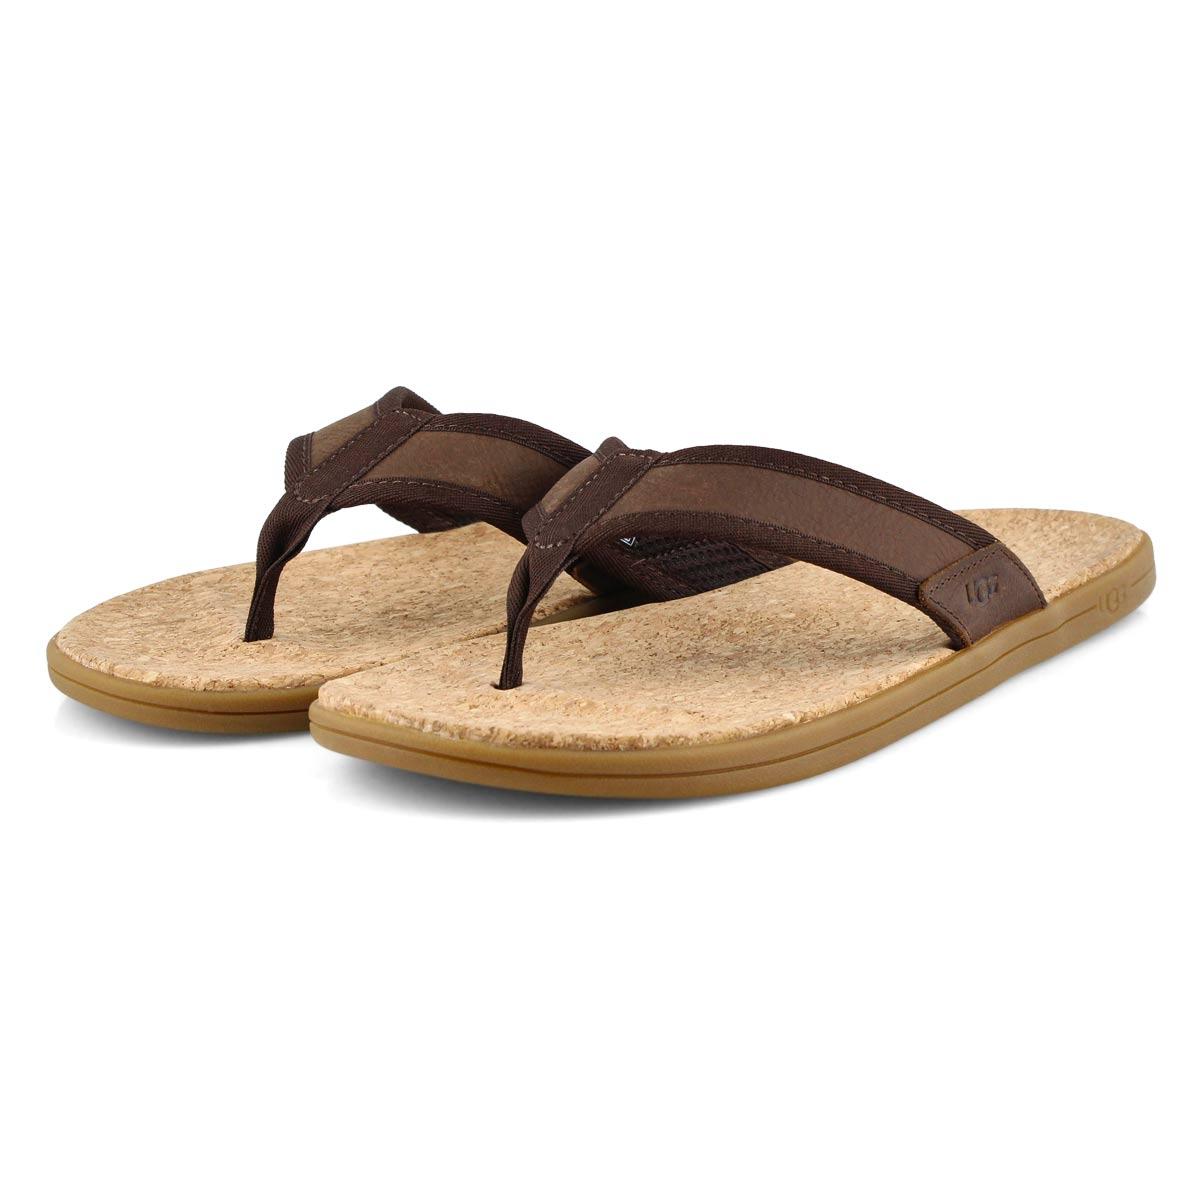 Mns Seaside Flip chestnut thong sandal